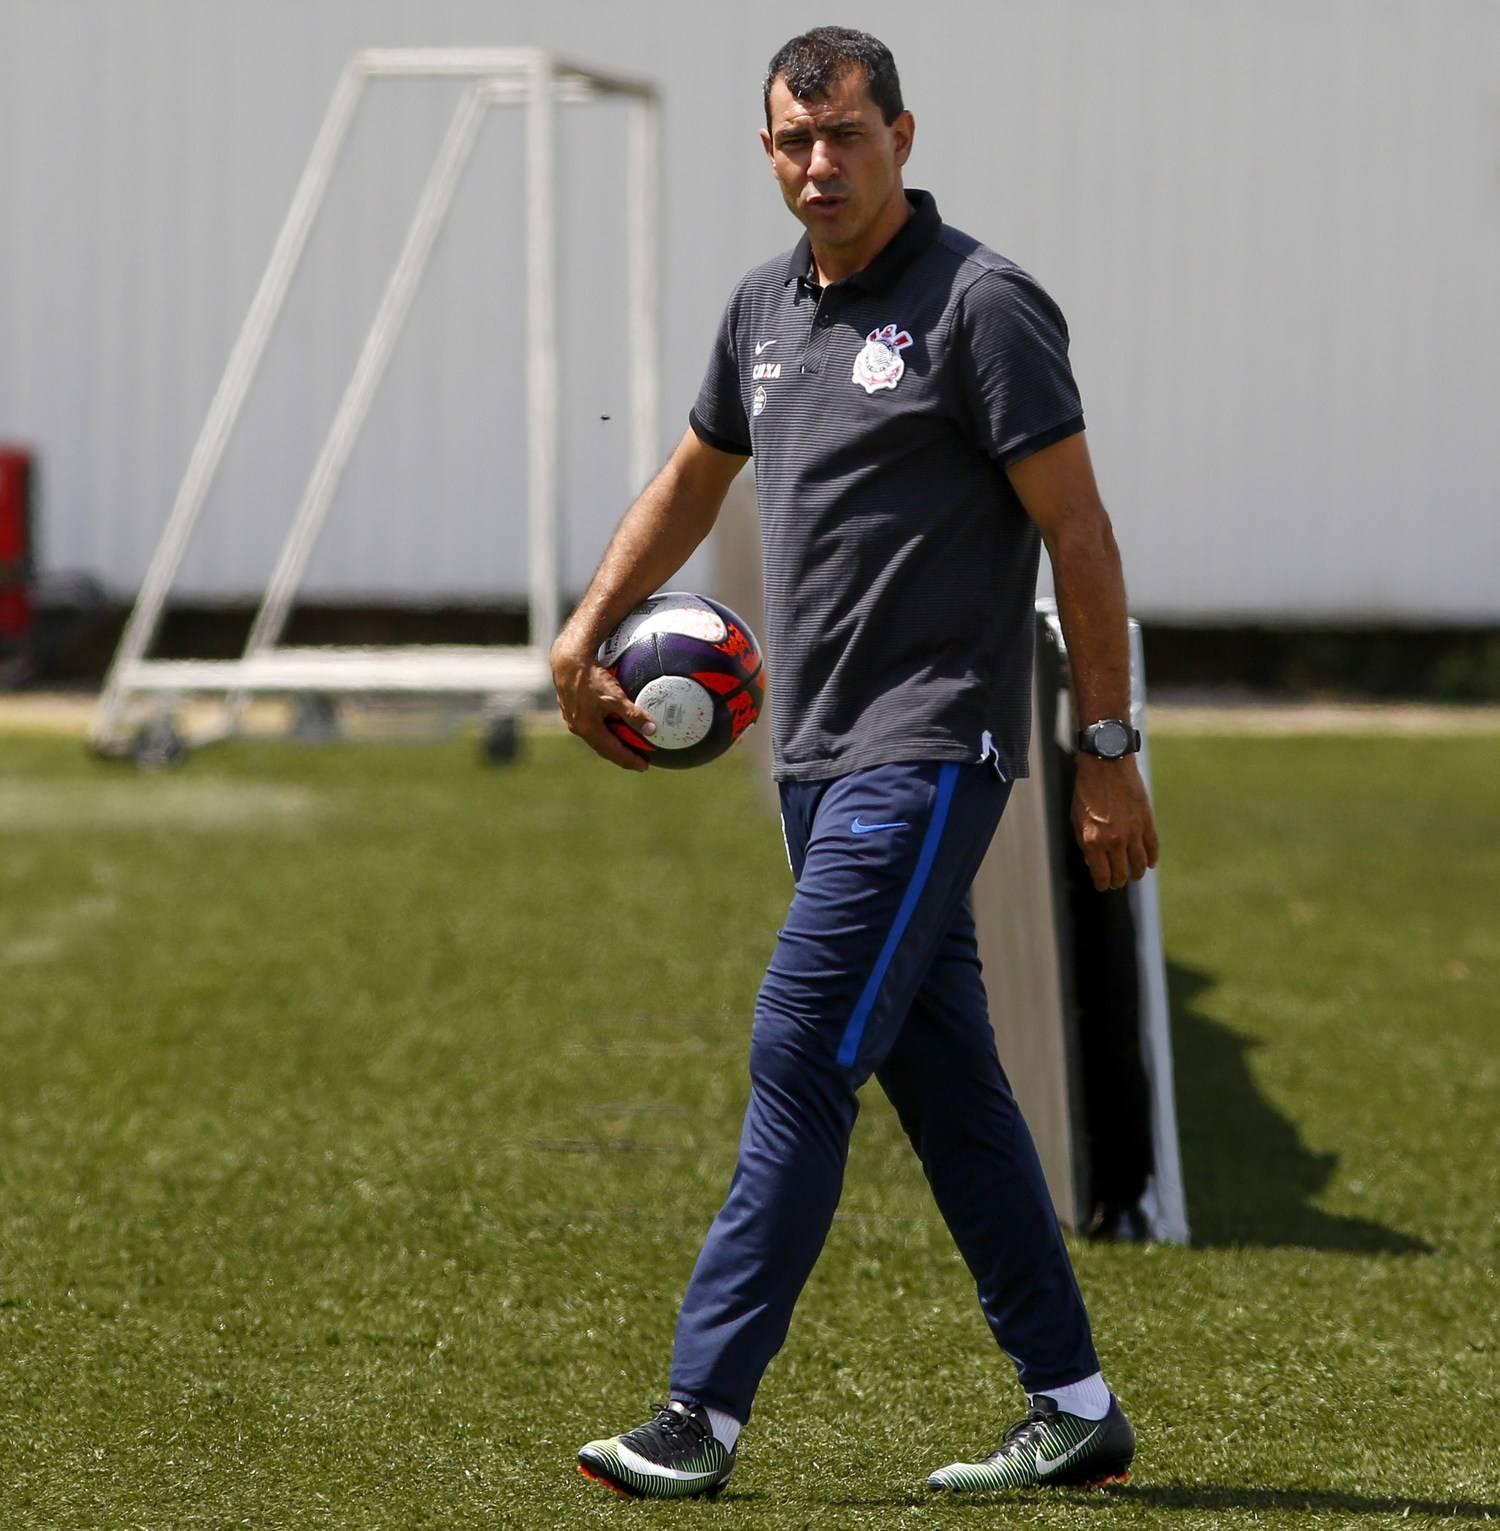 Técnico Fabio Carille da nova cara para o Corinthians e equipe ganha  confiança - Esportes - R7 Futebol 2cafe116a88b7